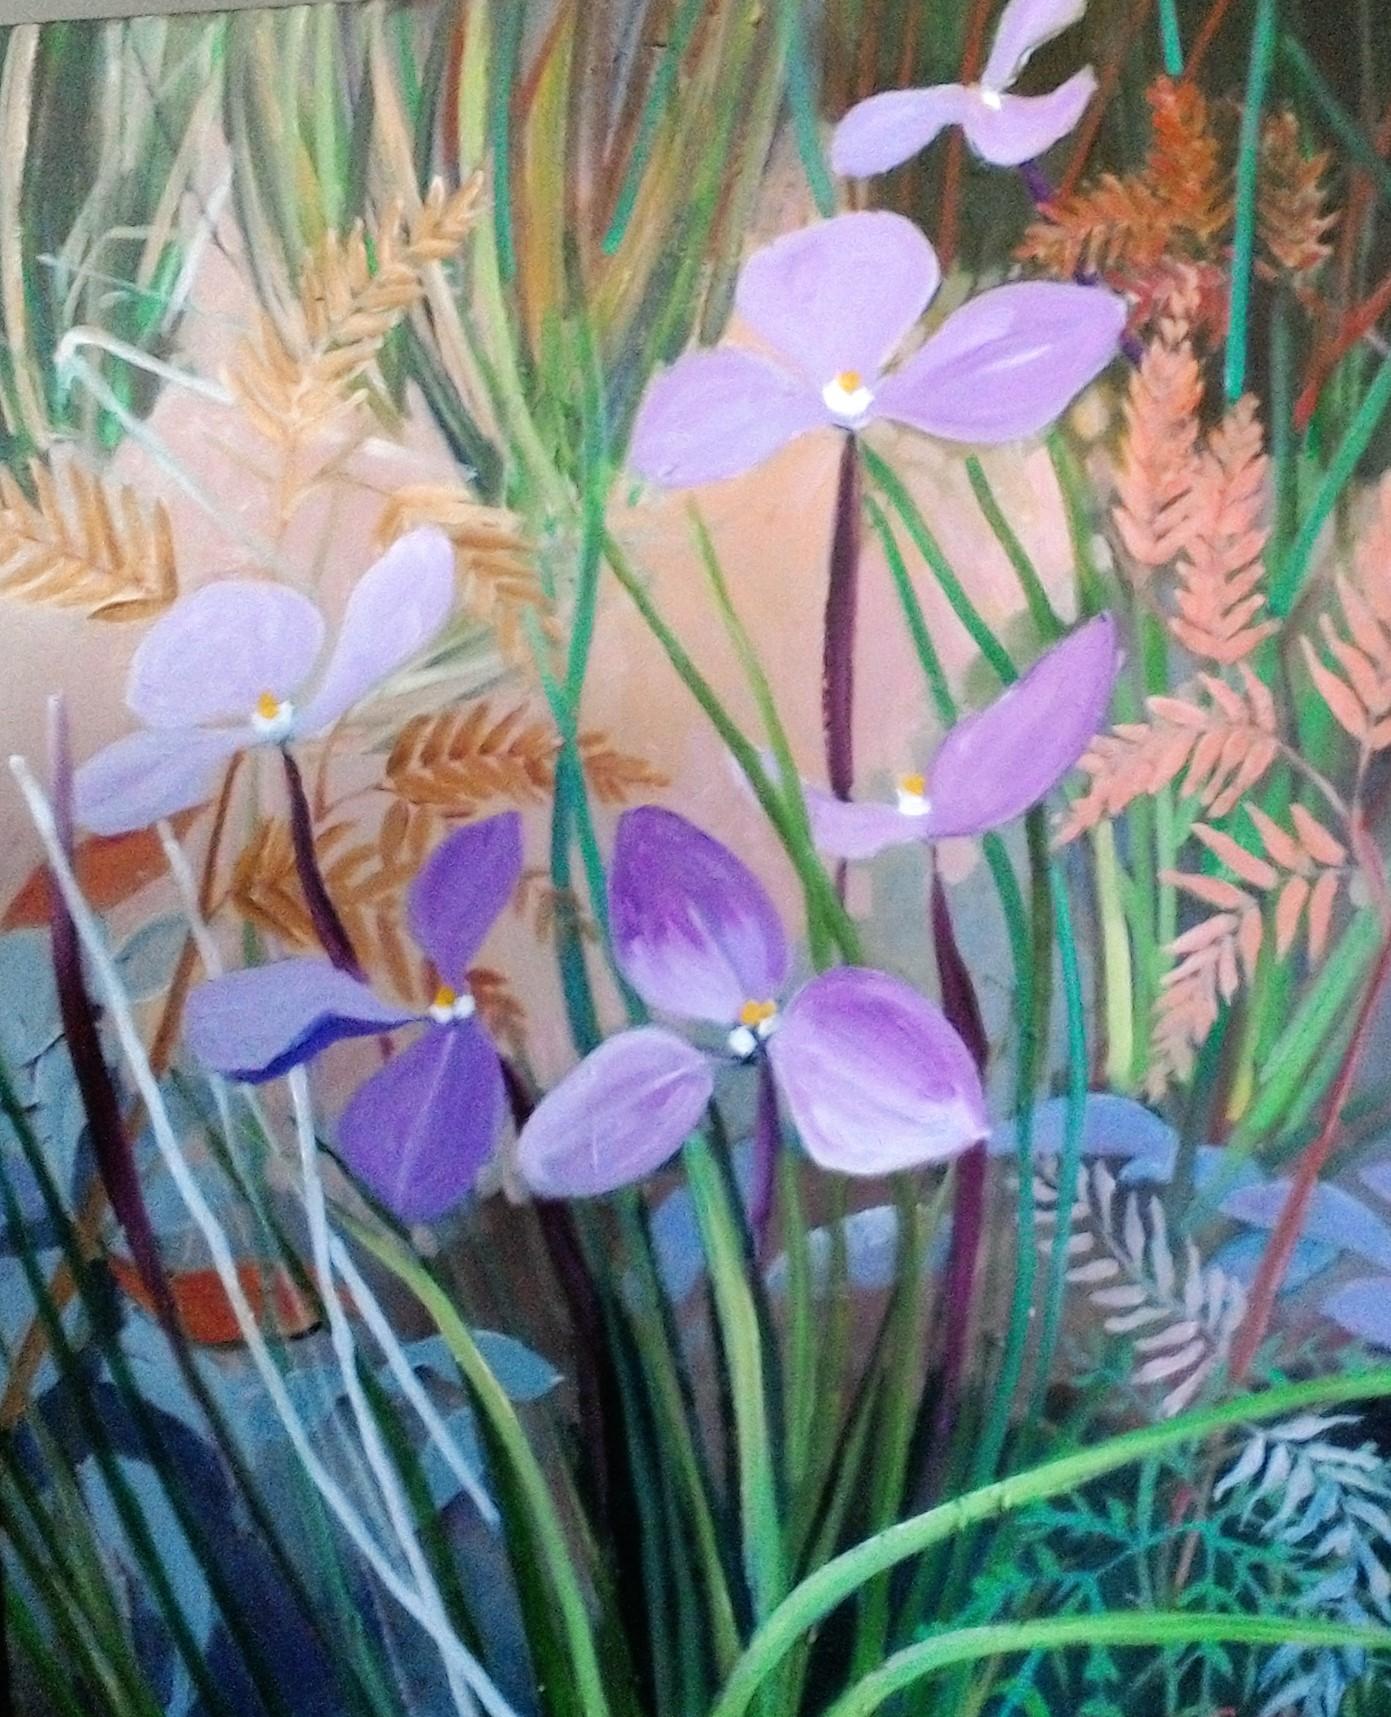 Flag Iris oil on canvas 51x61cm $400